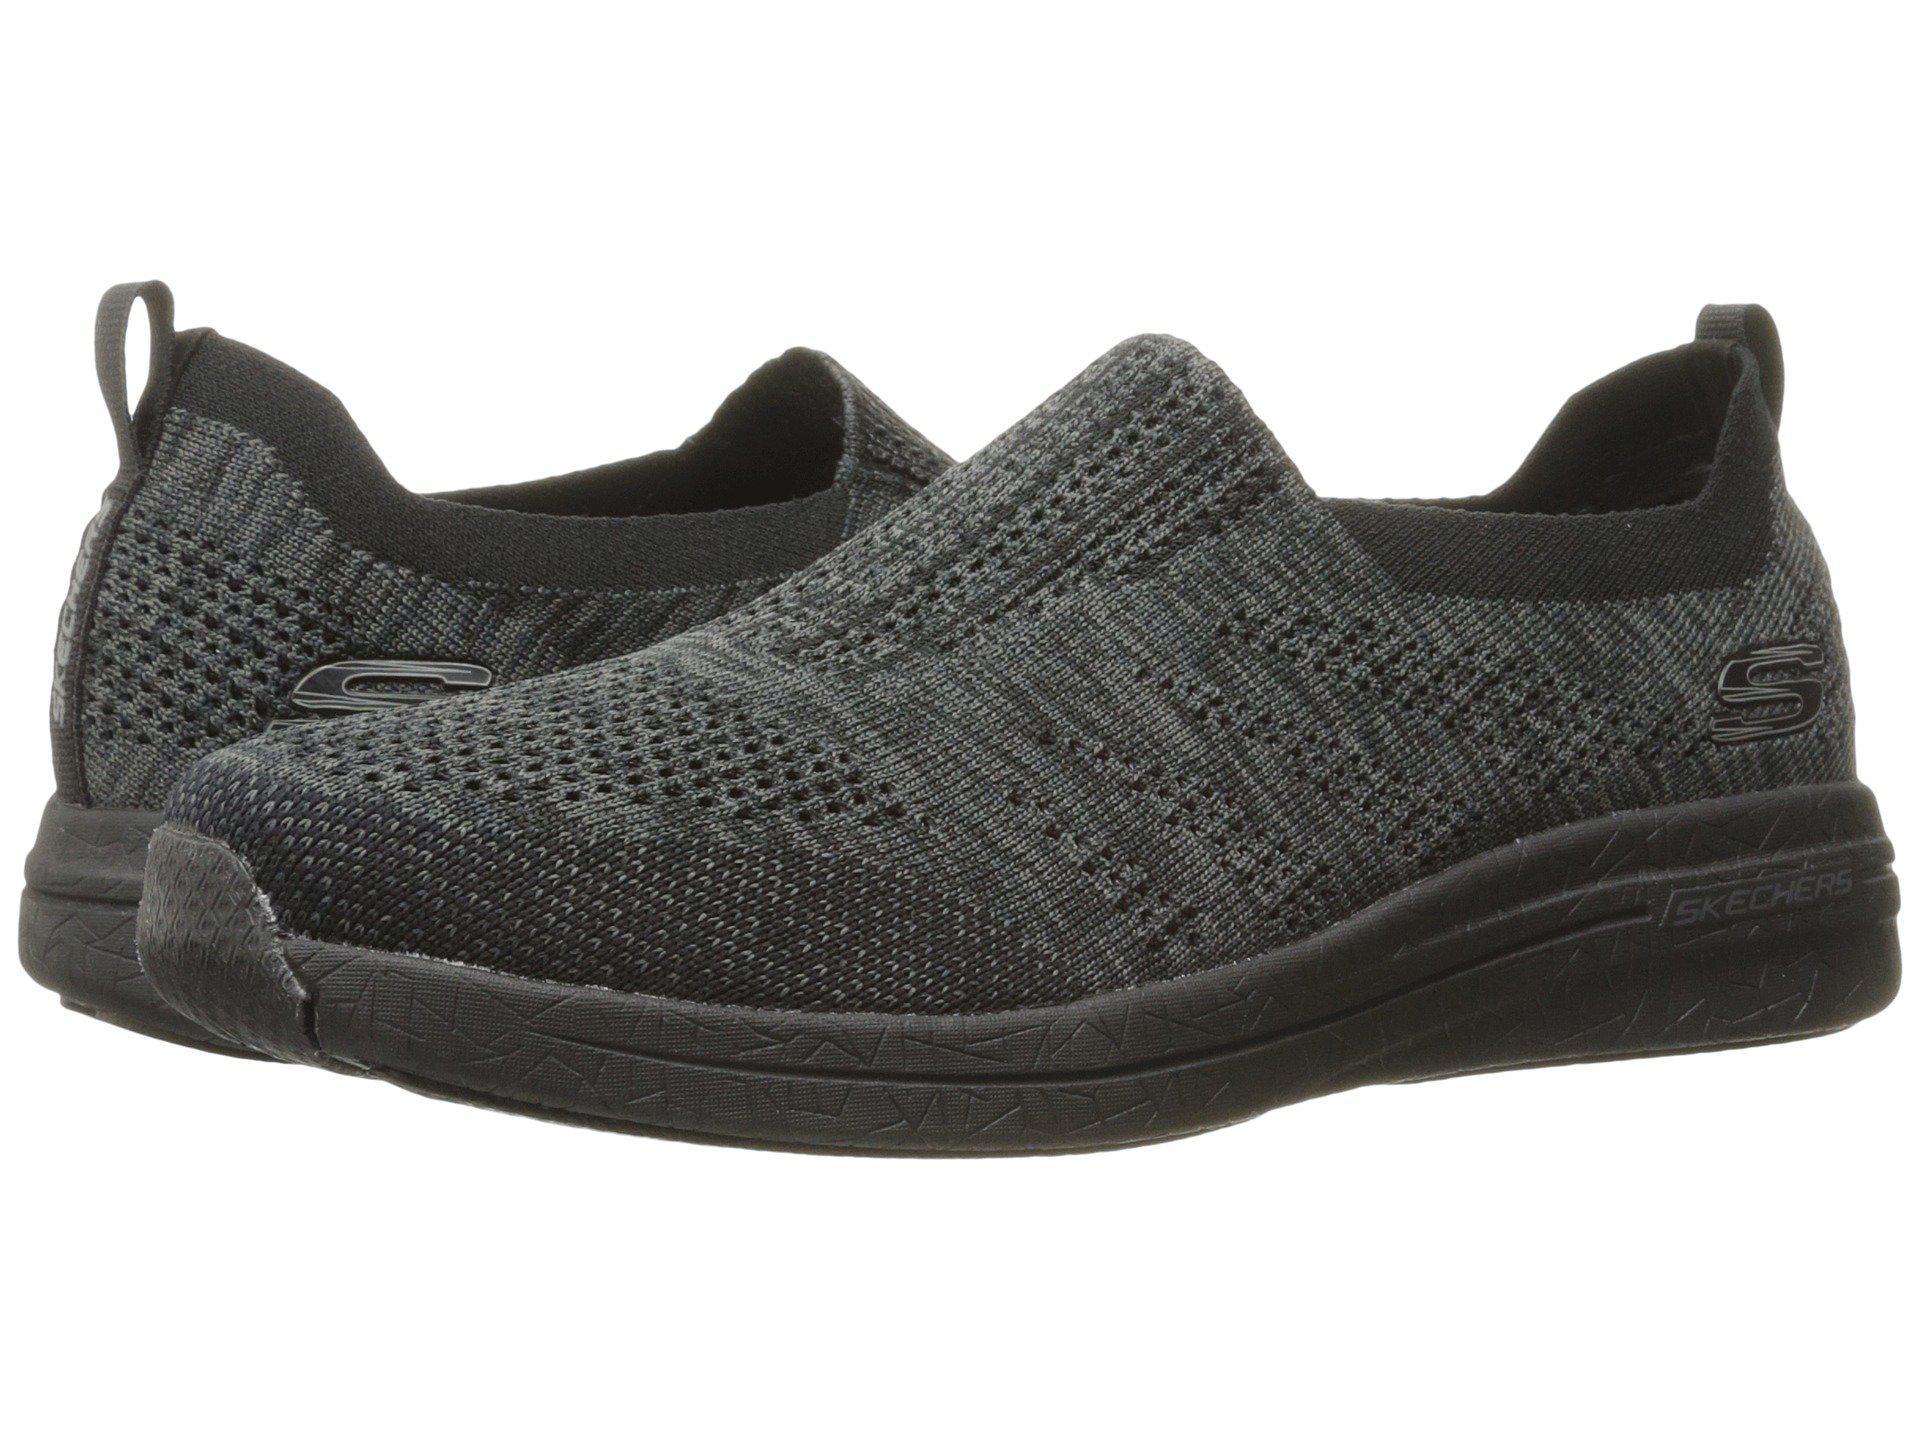 f0e78e64bd24d Lyst - Skechers Burst 2.0 Haviture in Black for Men